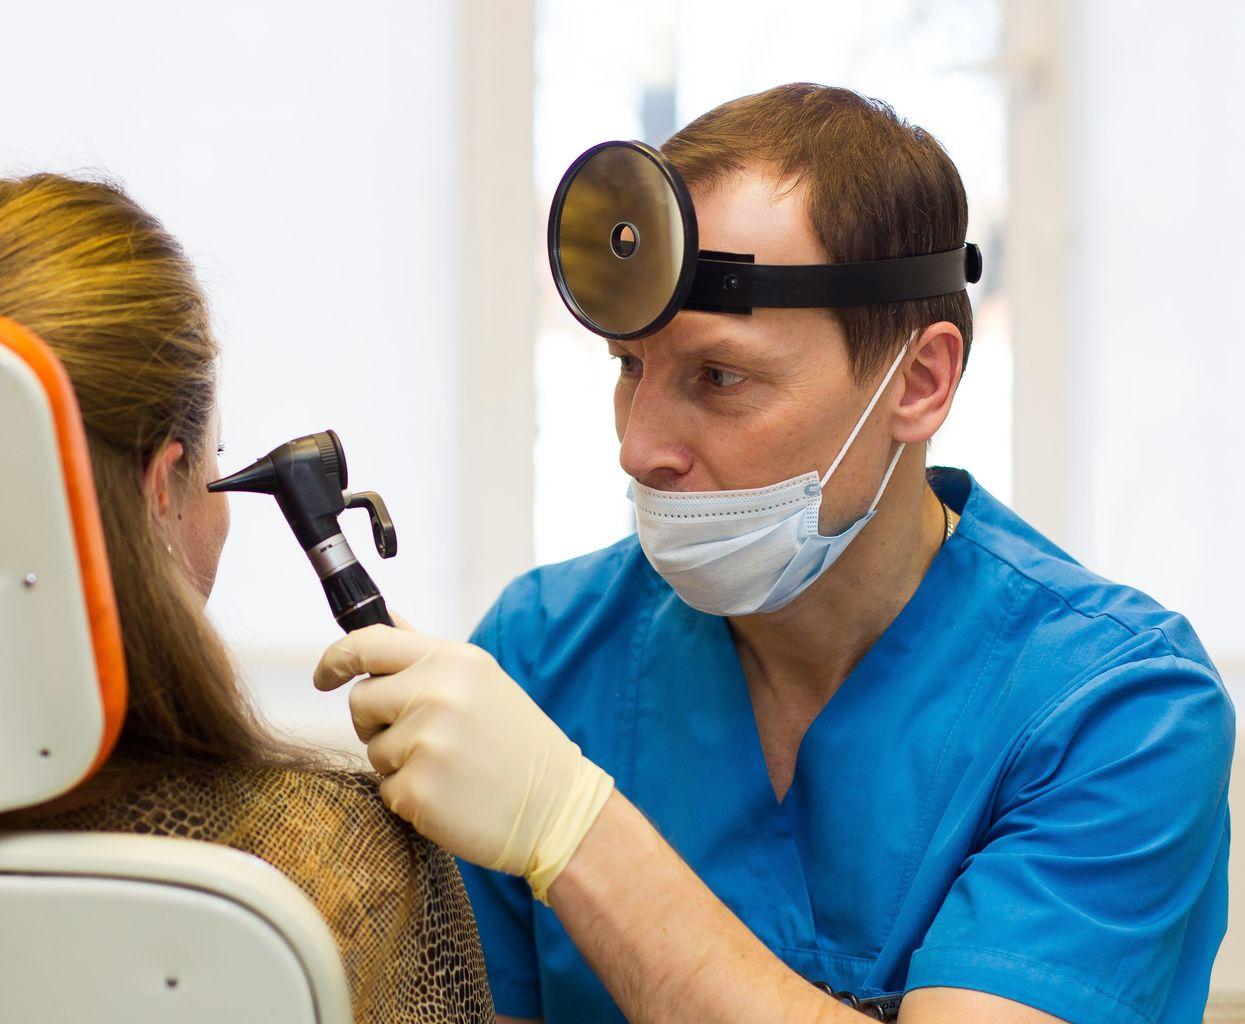 Называется ушам врач по как гормоны в на стоит диамеде сколько анализ